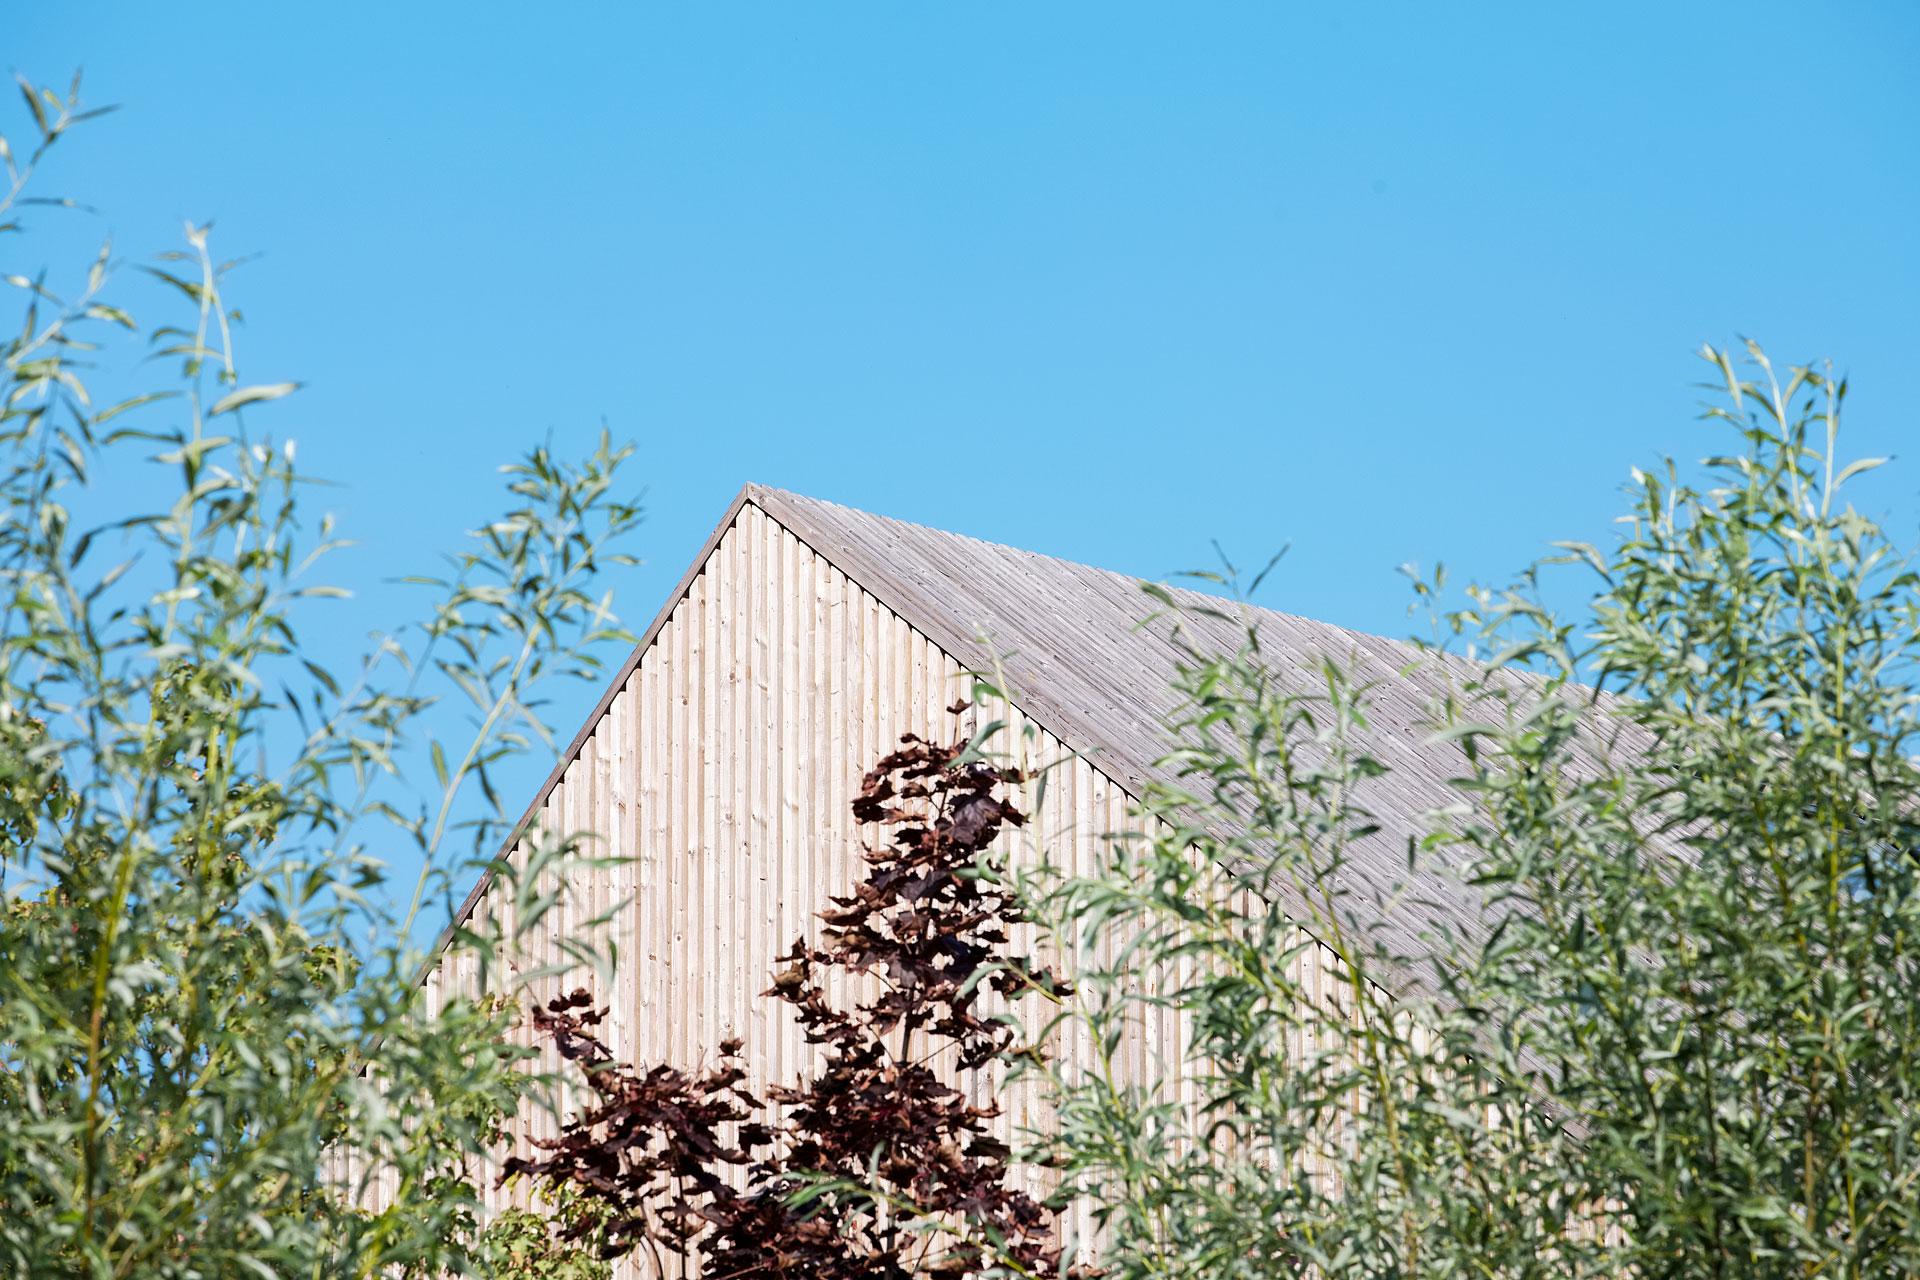 SP2014-Woning-Lanxmeer-Culemborg-Exterieur-1-HiRes